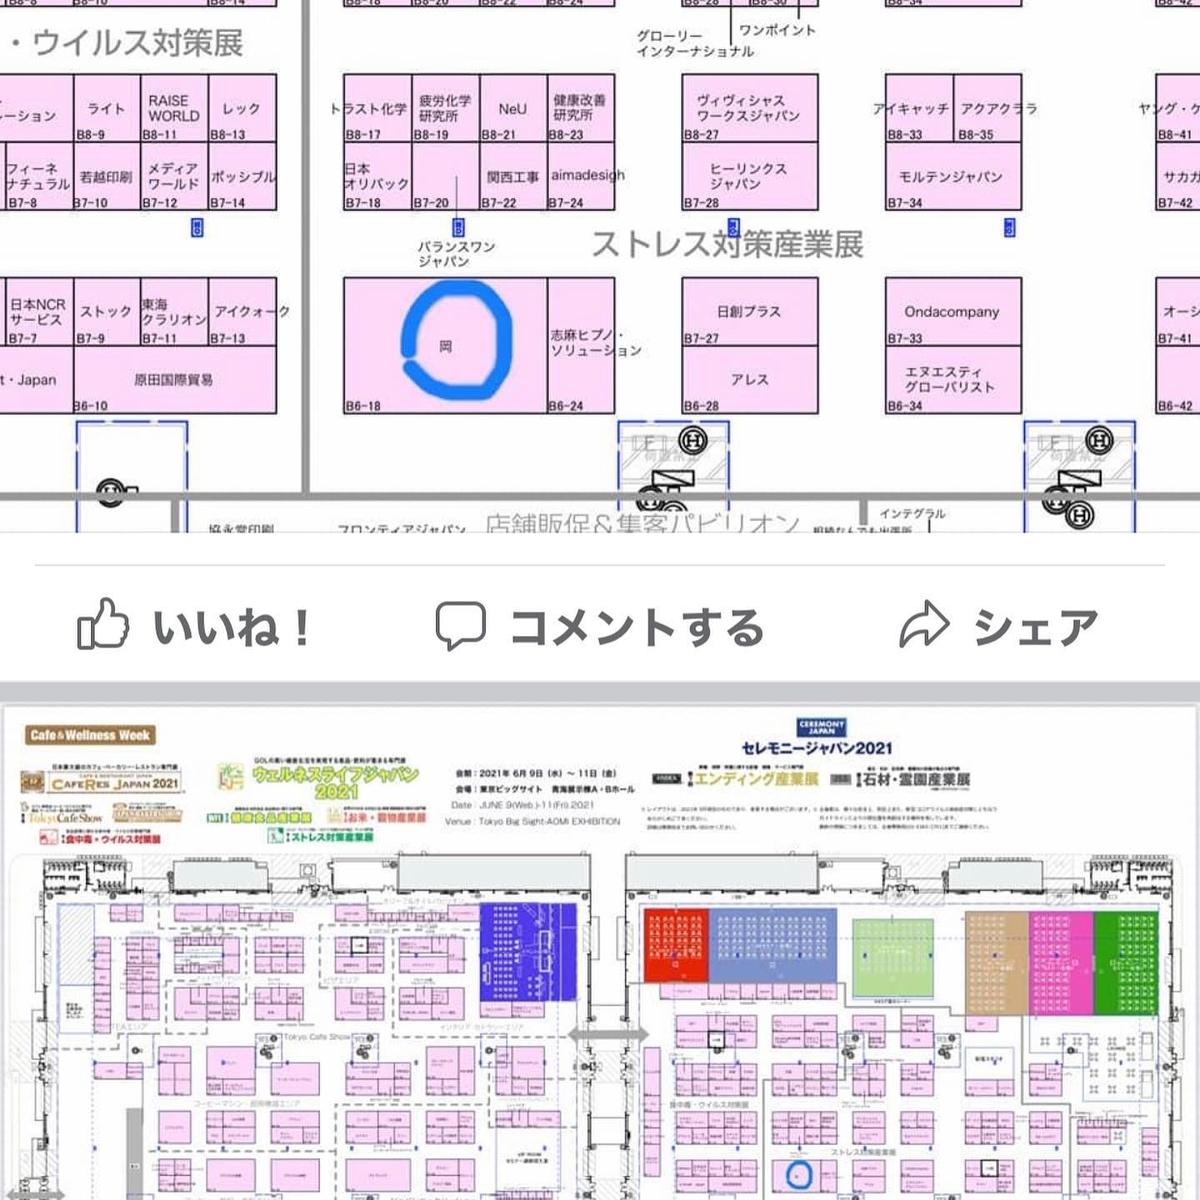 f:id:business-love:20210518065021j:plain